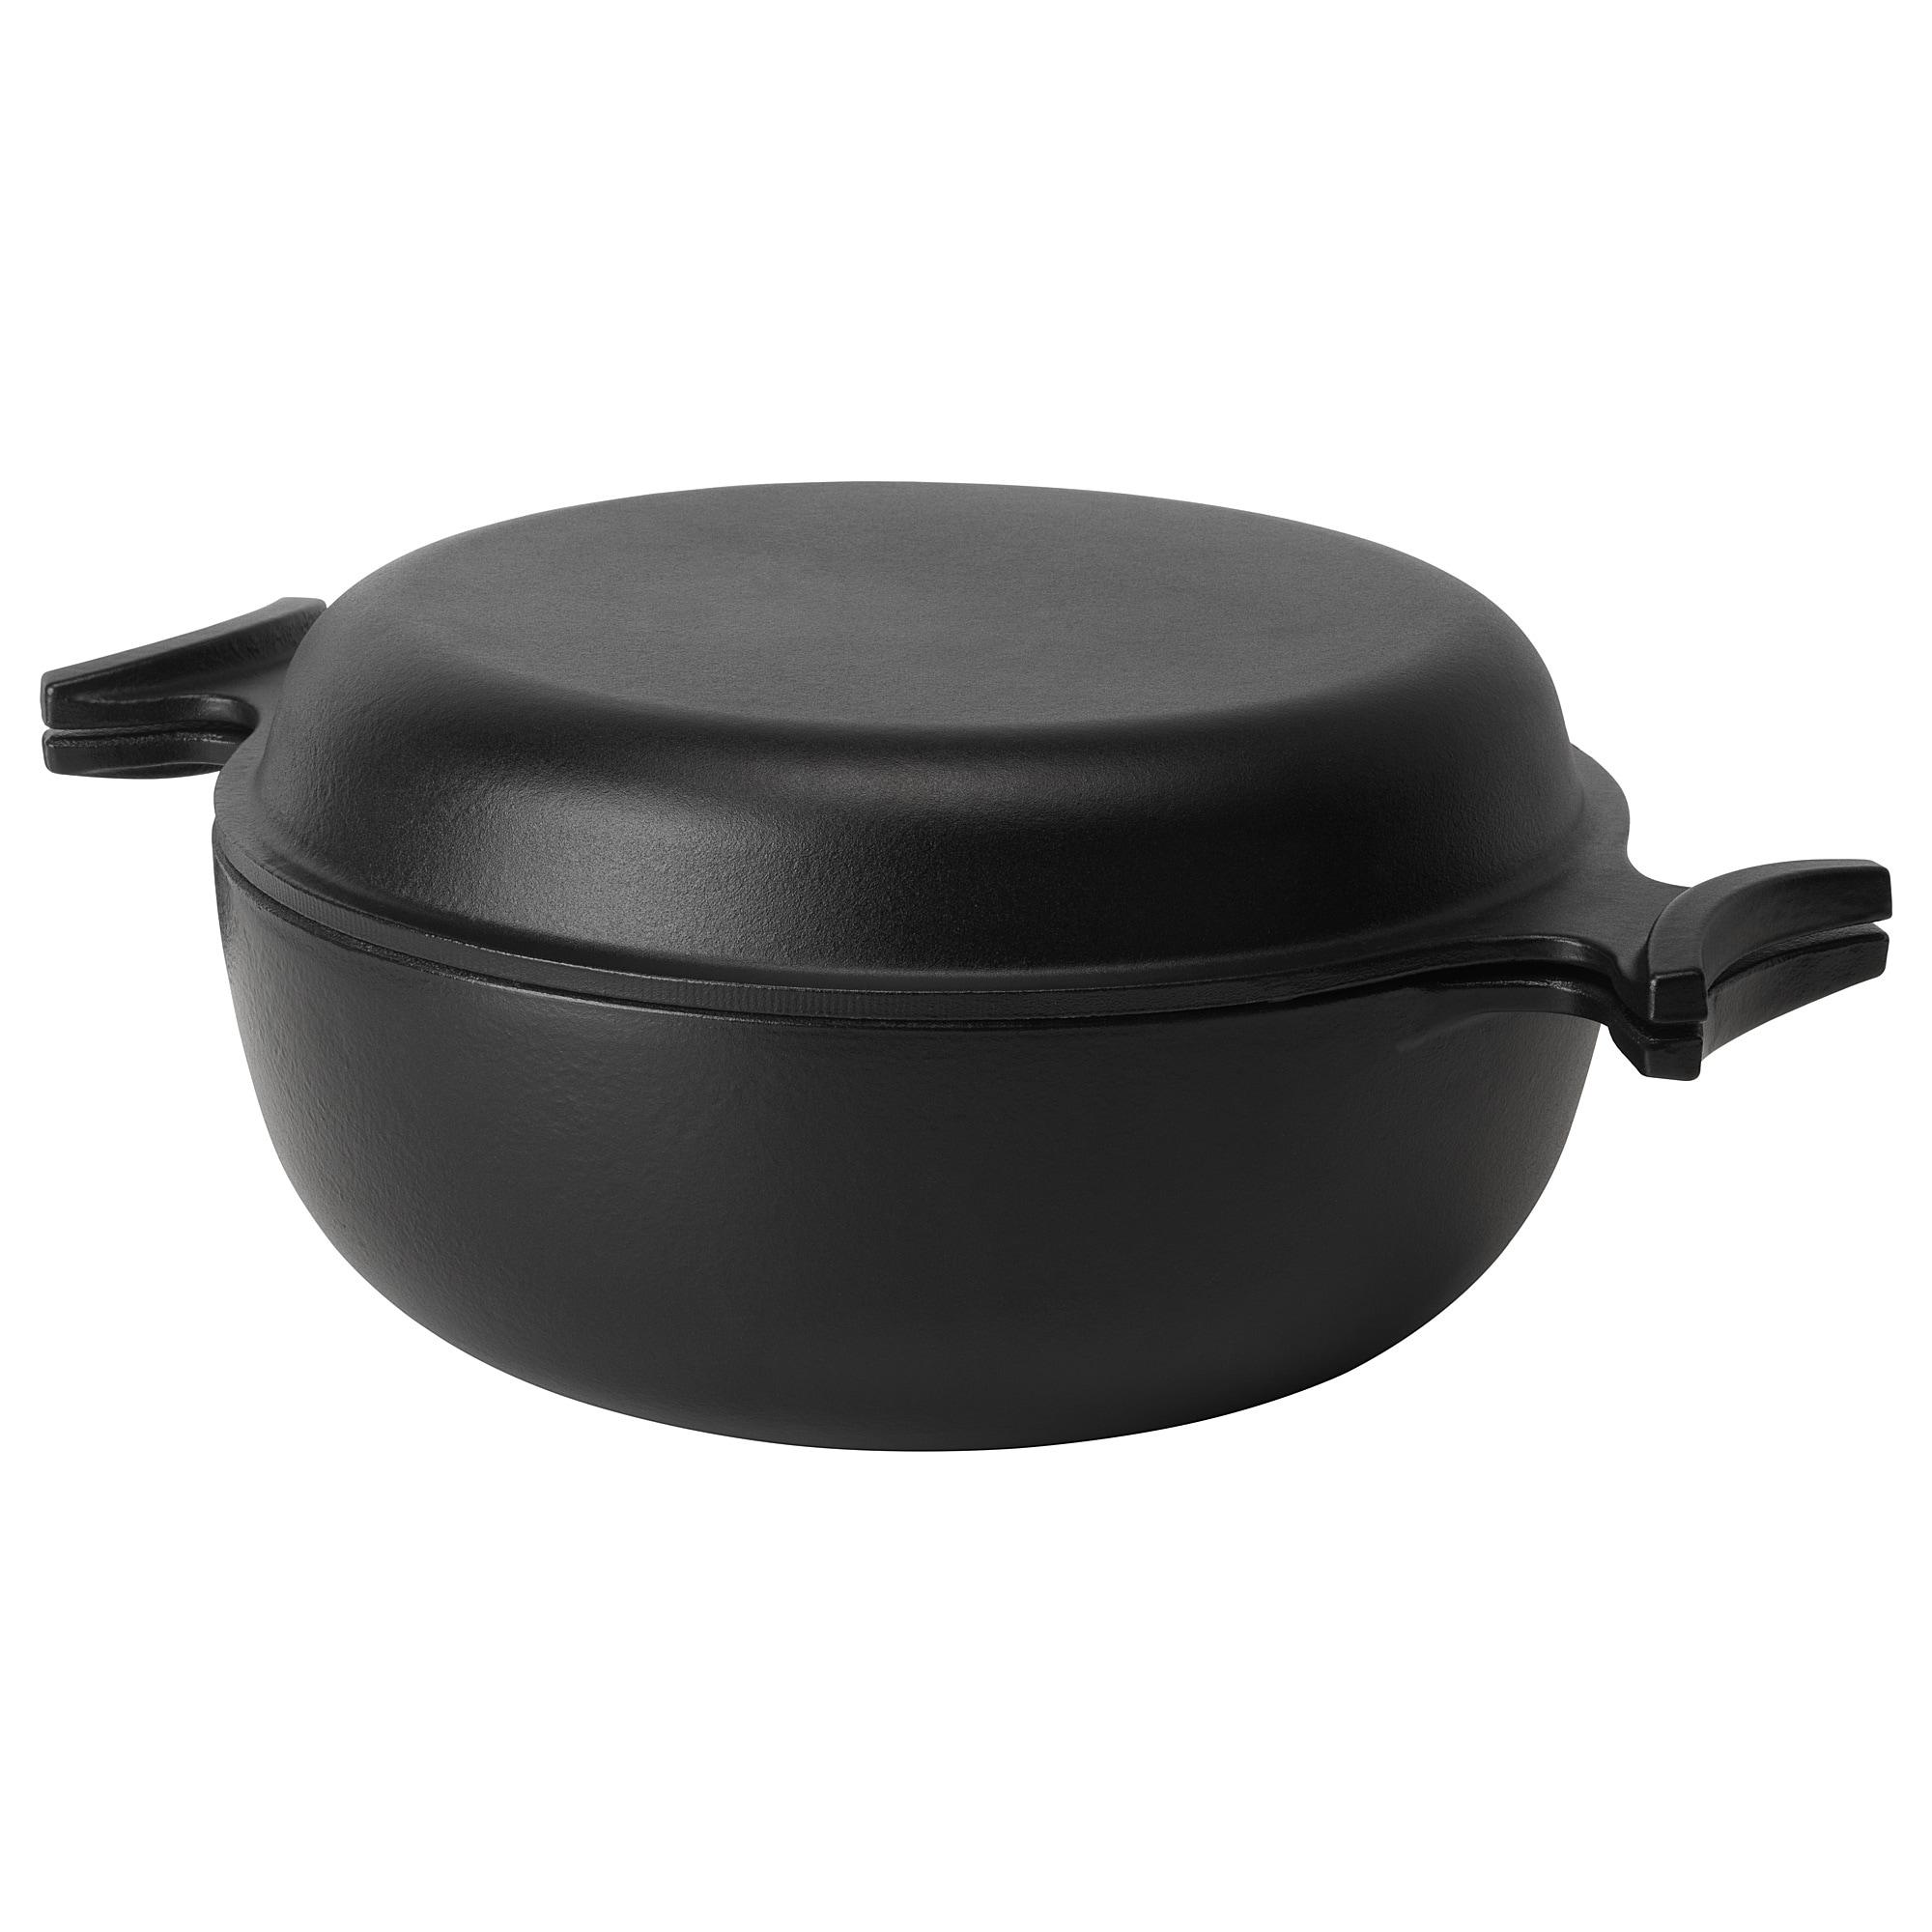 ÖVERALLT Pot with lid, black, 5 l